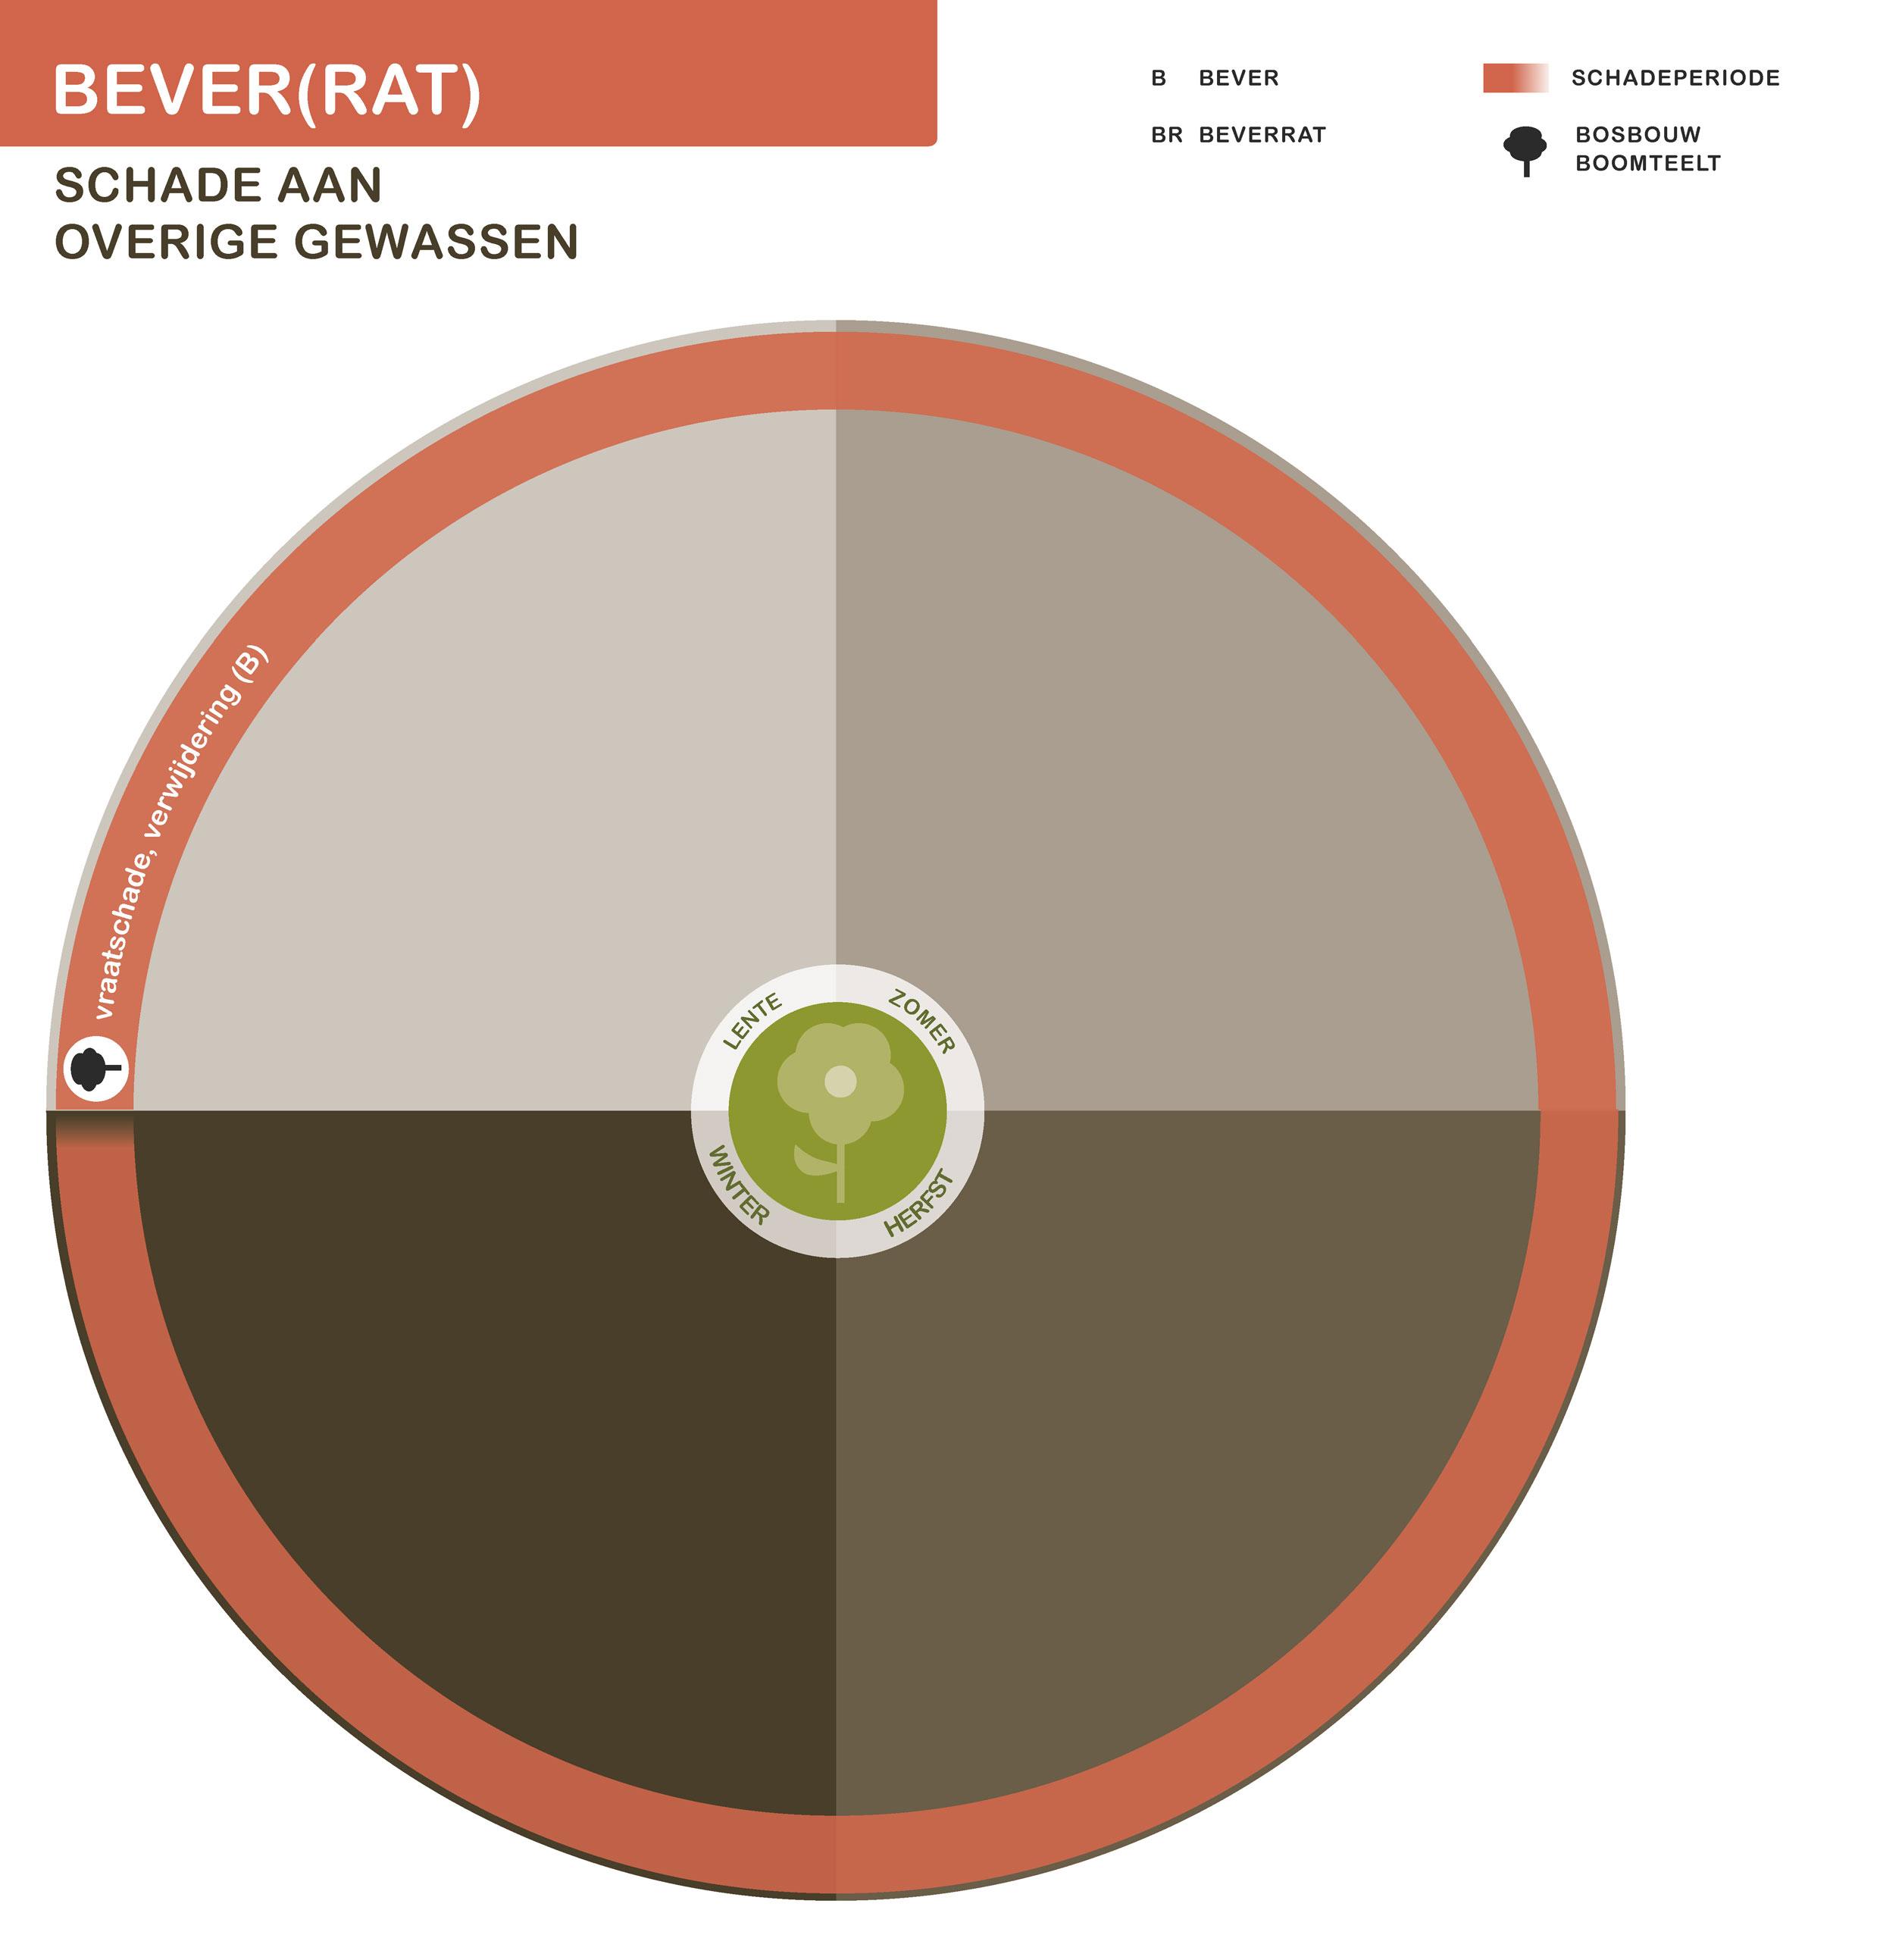 FPK-infogr-bever-overig-1